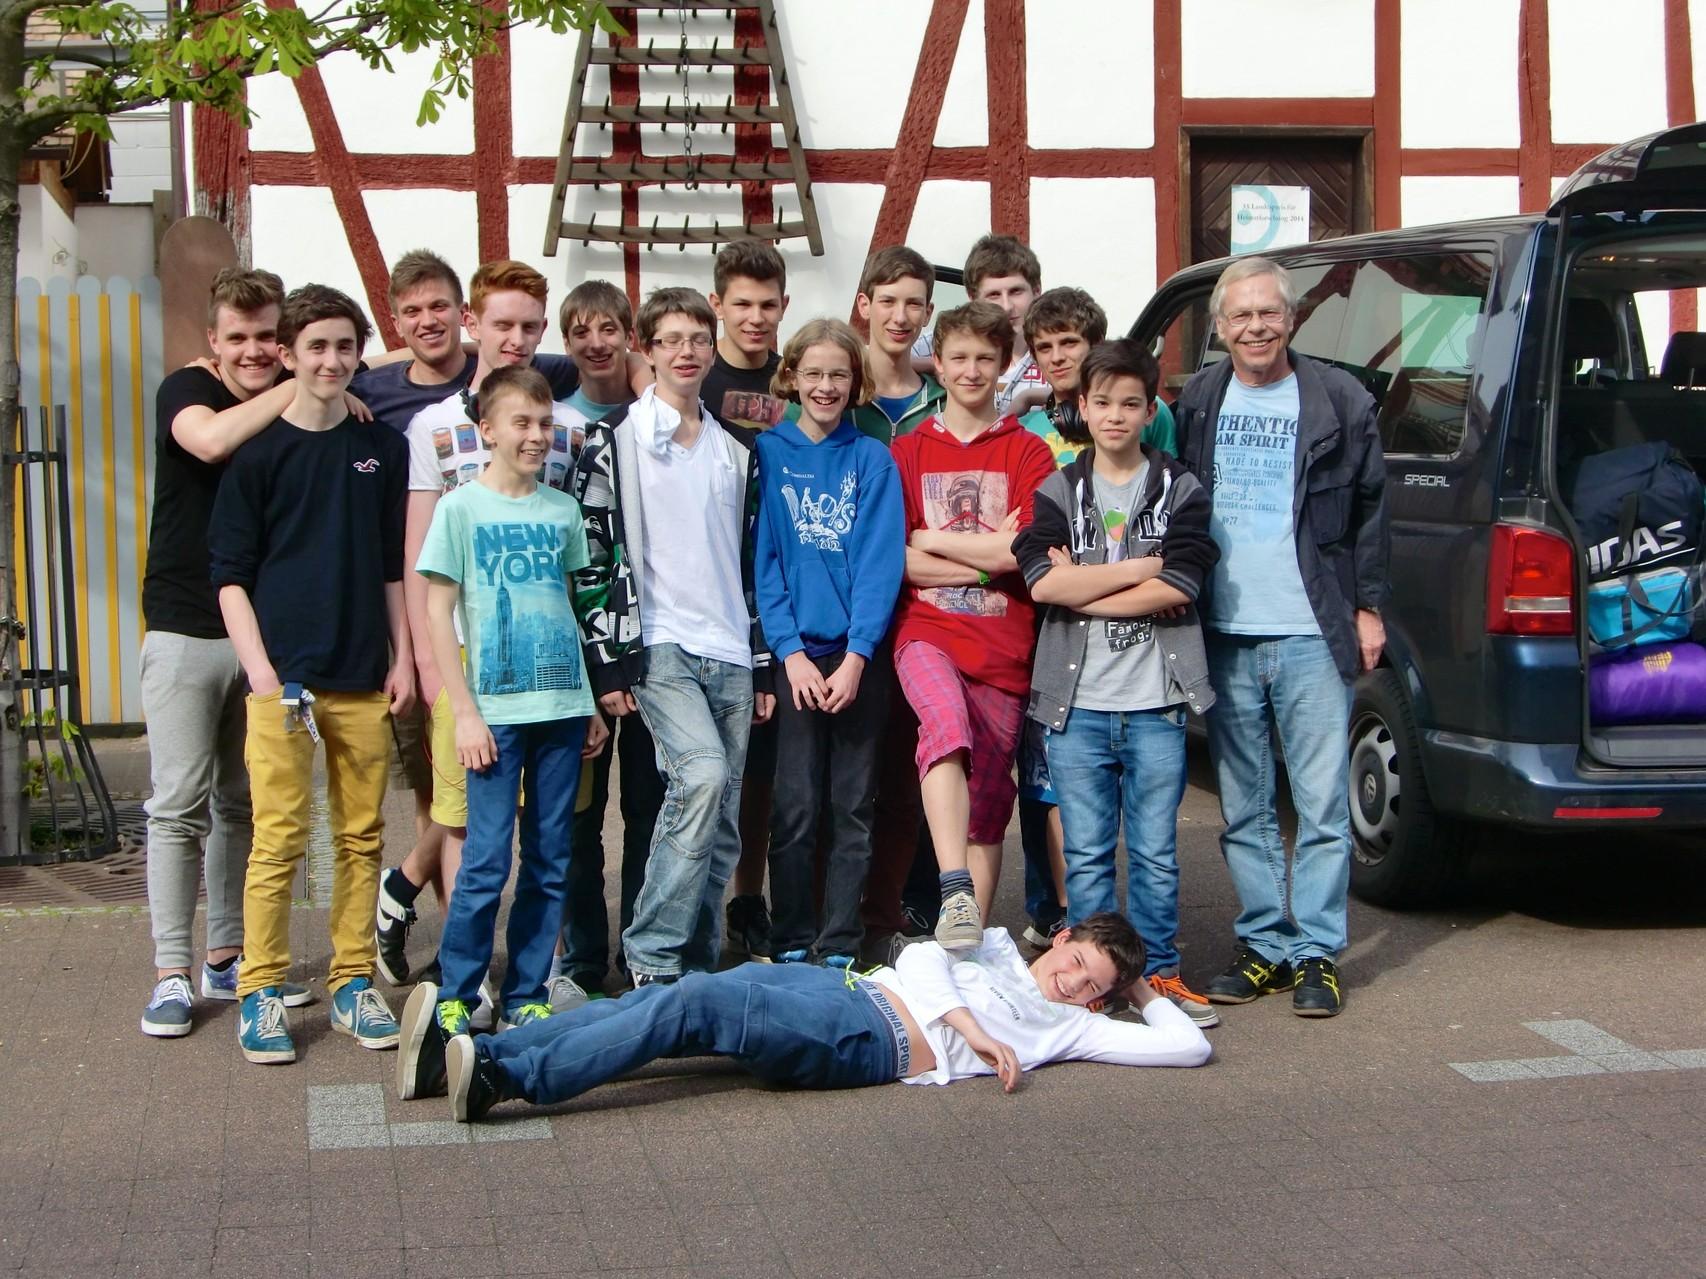 Abfahrt unserer Truppe zur Jugend-DM 2014 nach Haltern